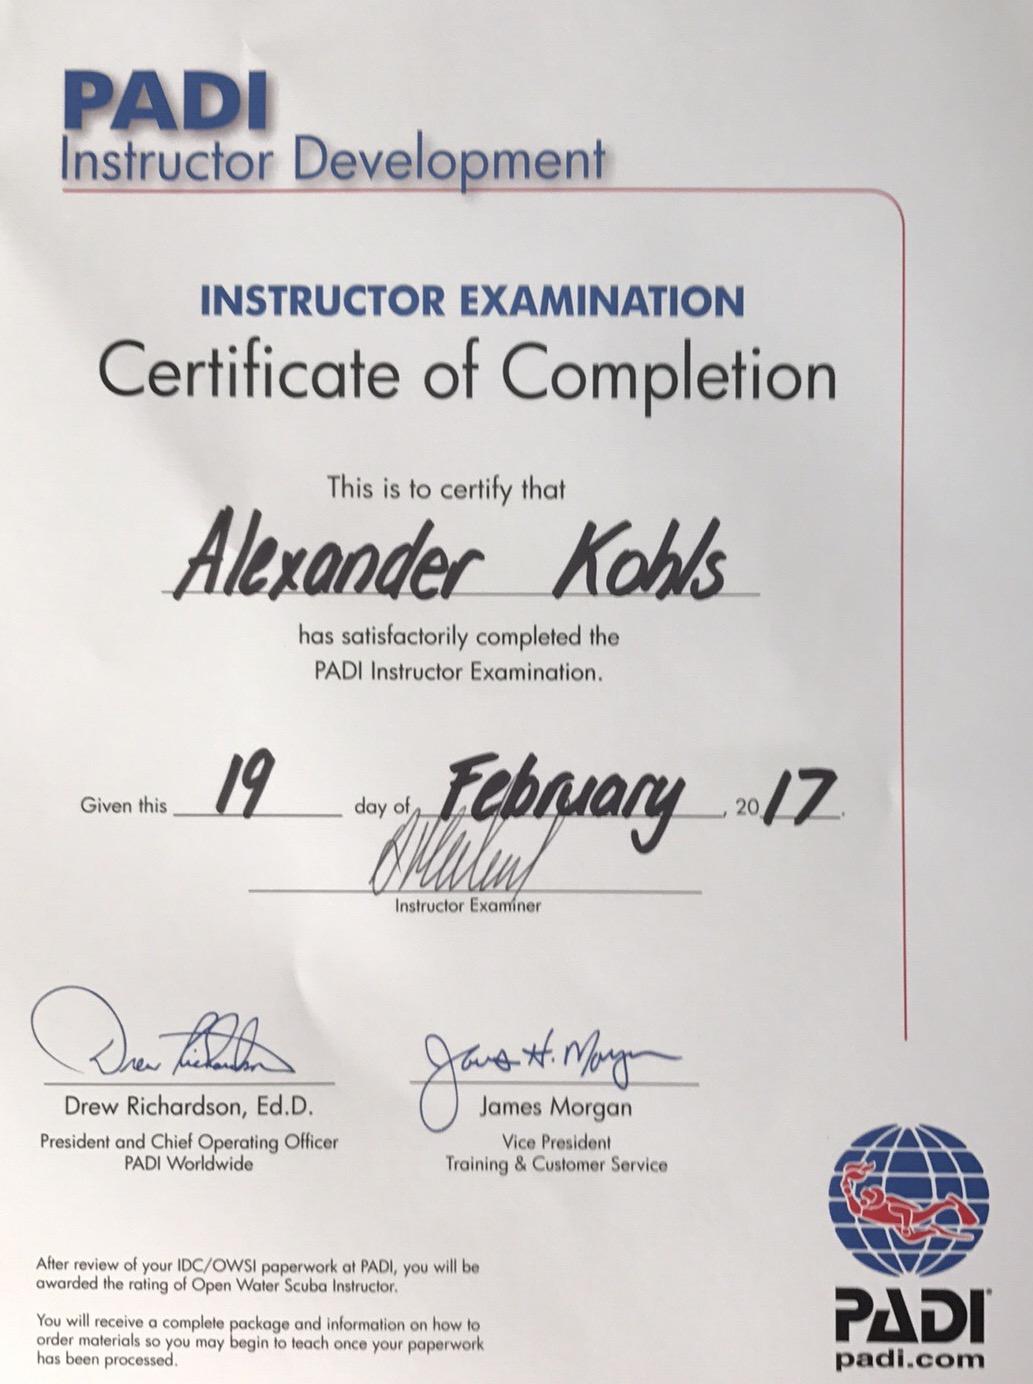 PADI IE certificate